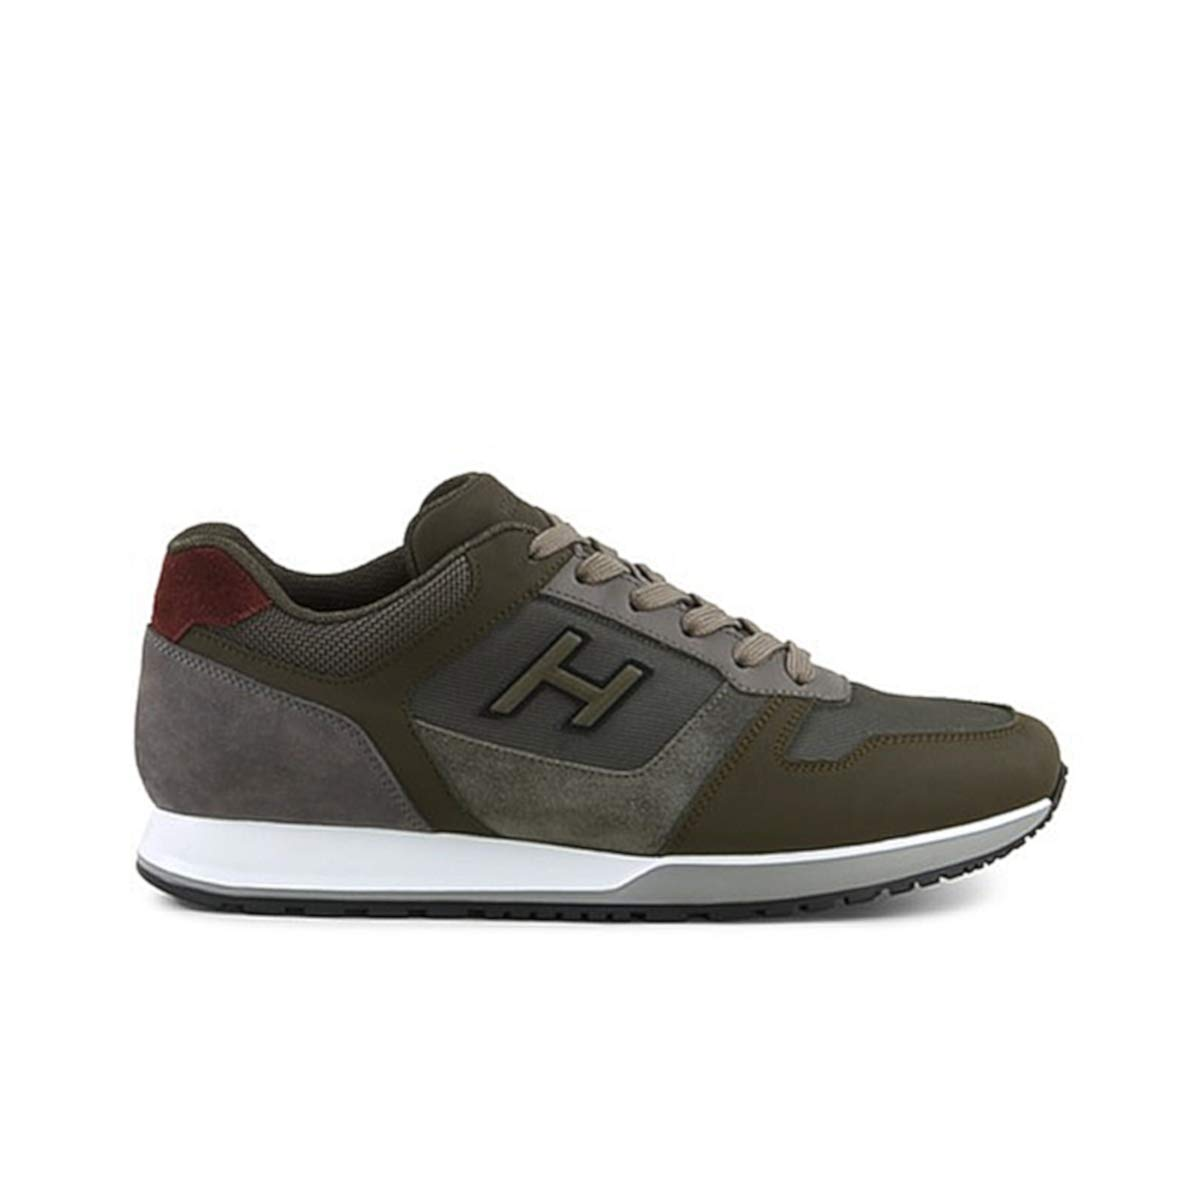 Hogan scarpe da ginnastica H321 Grigio verde in Pelle